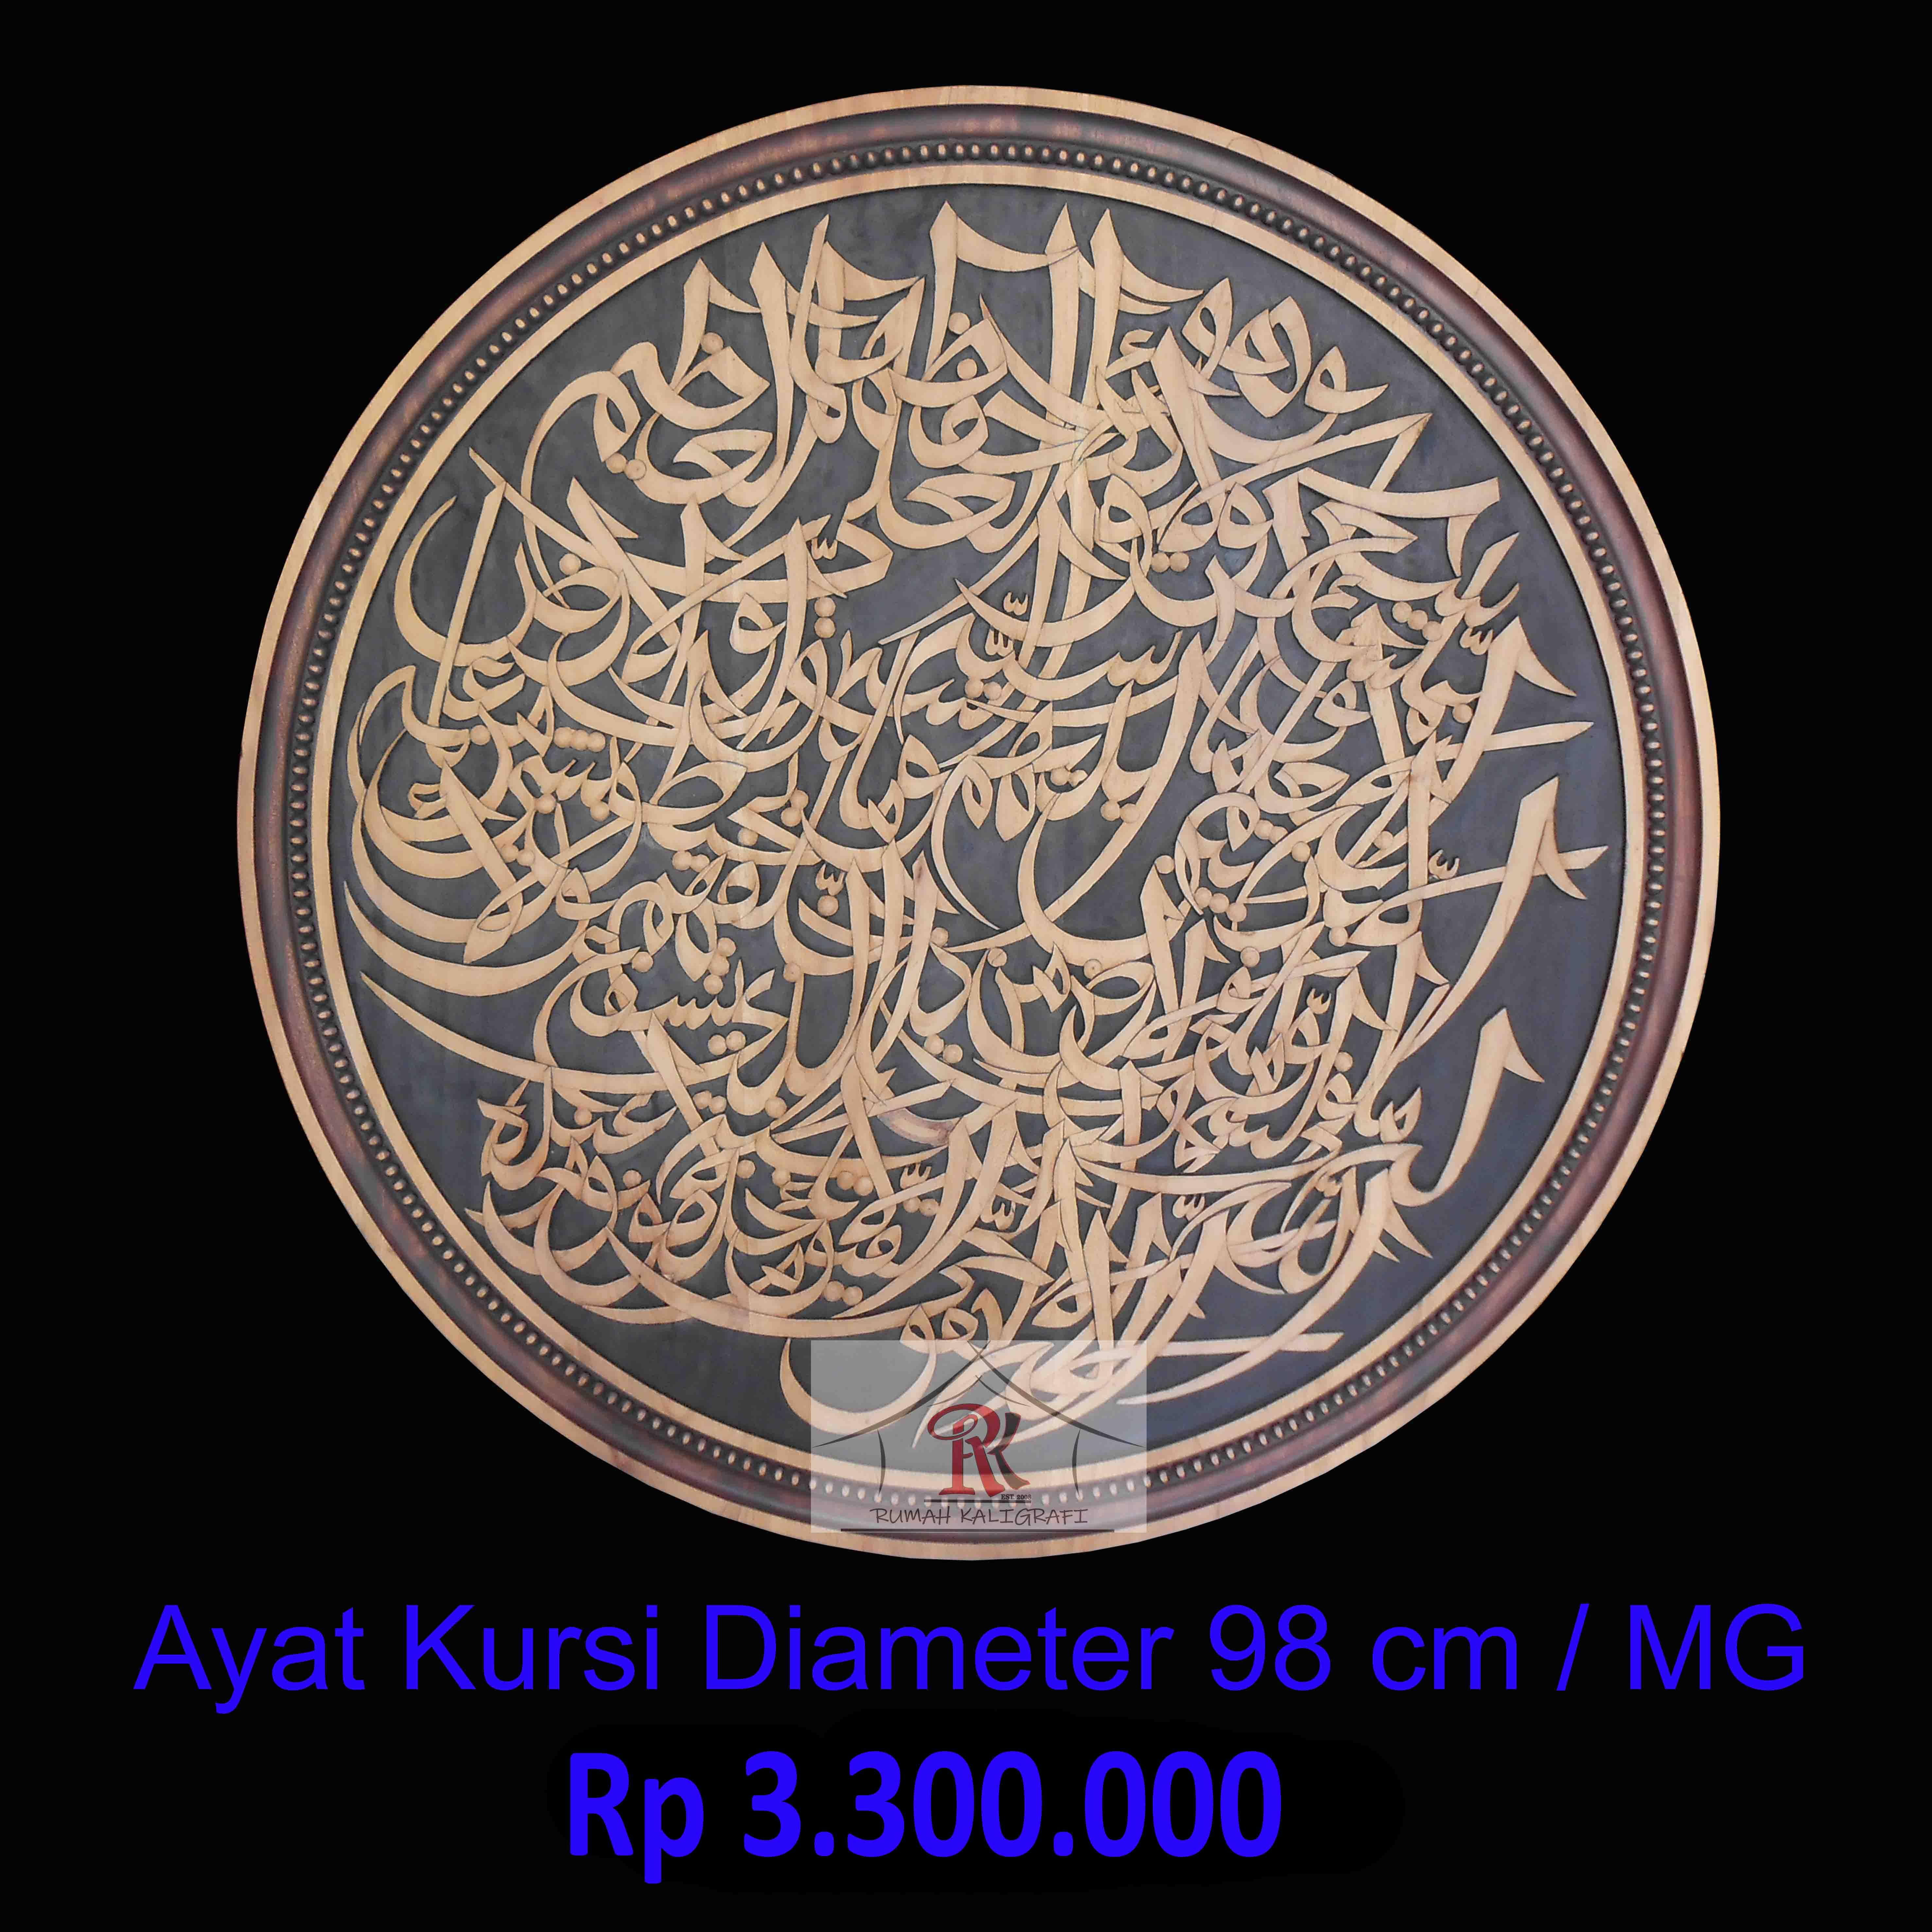 Kaligrafi Ukir, Kaligrafi Ayat Kursi Model 15